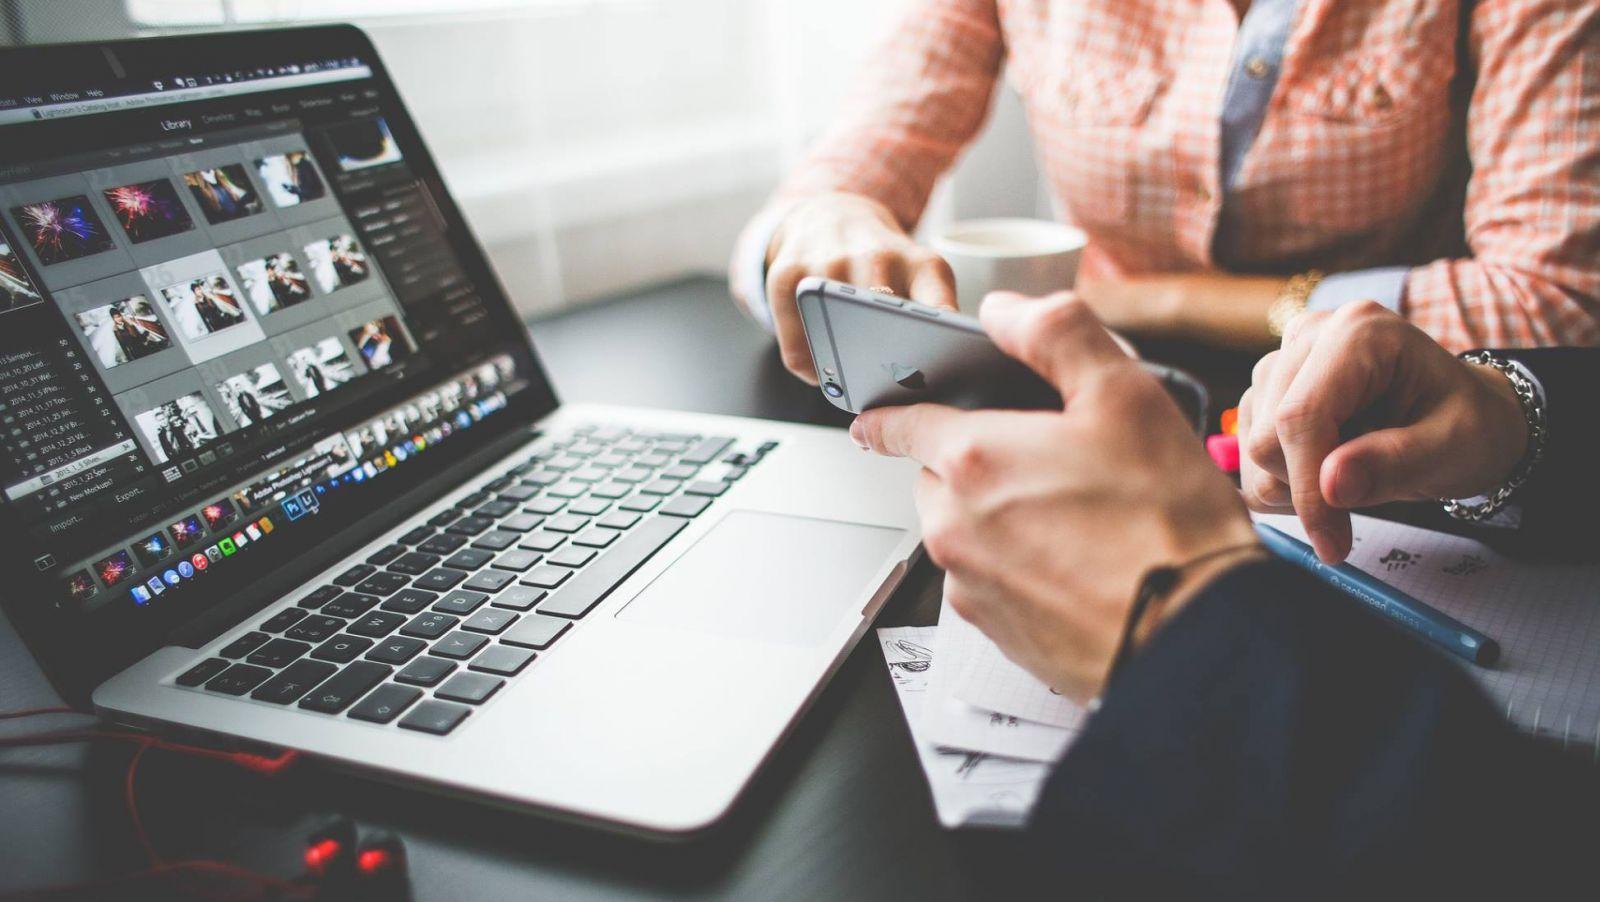 Đánh giá công ty thiết kế website uy tín tại Hà Nội